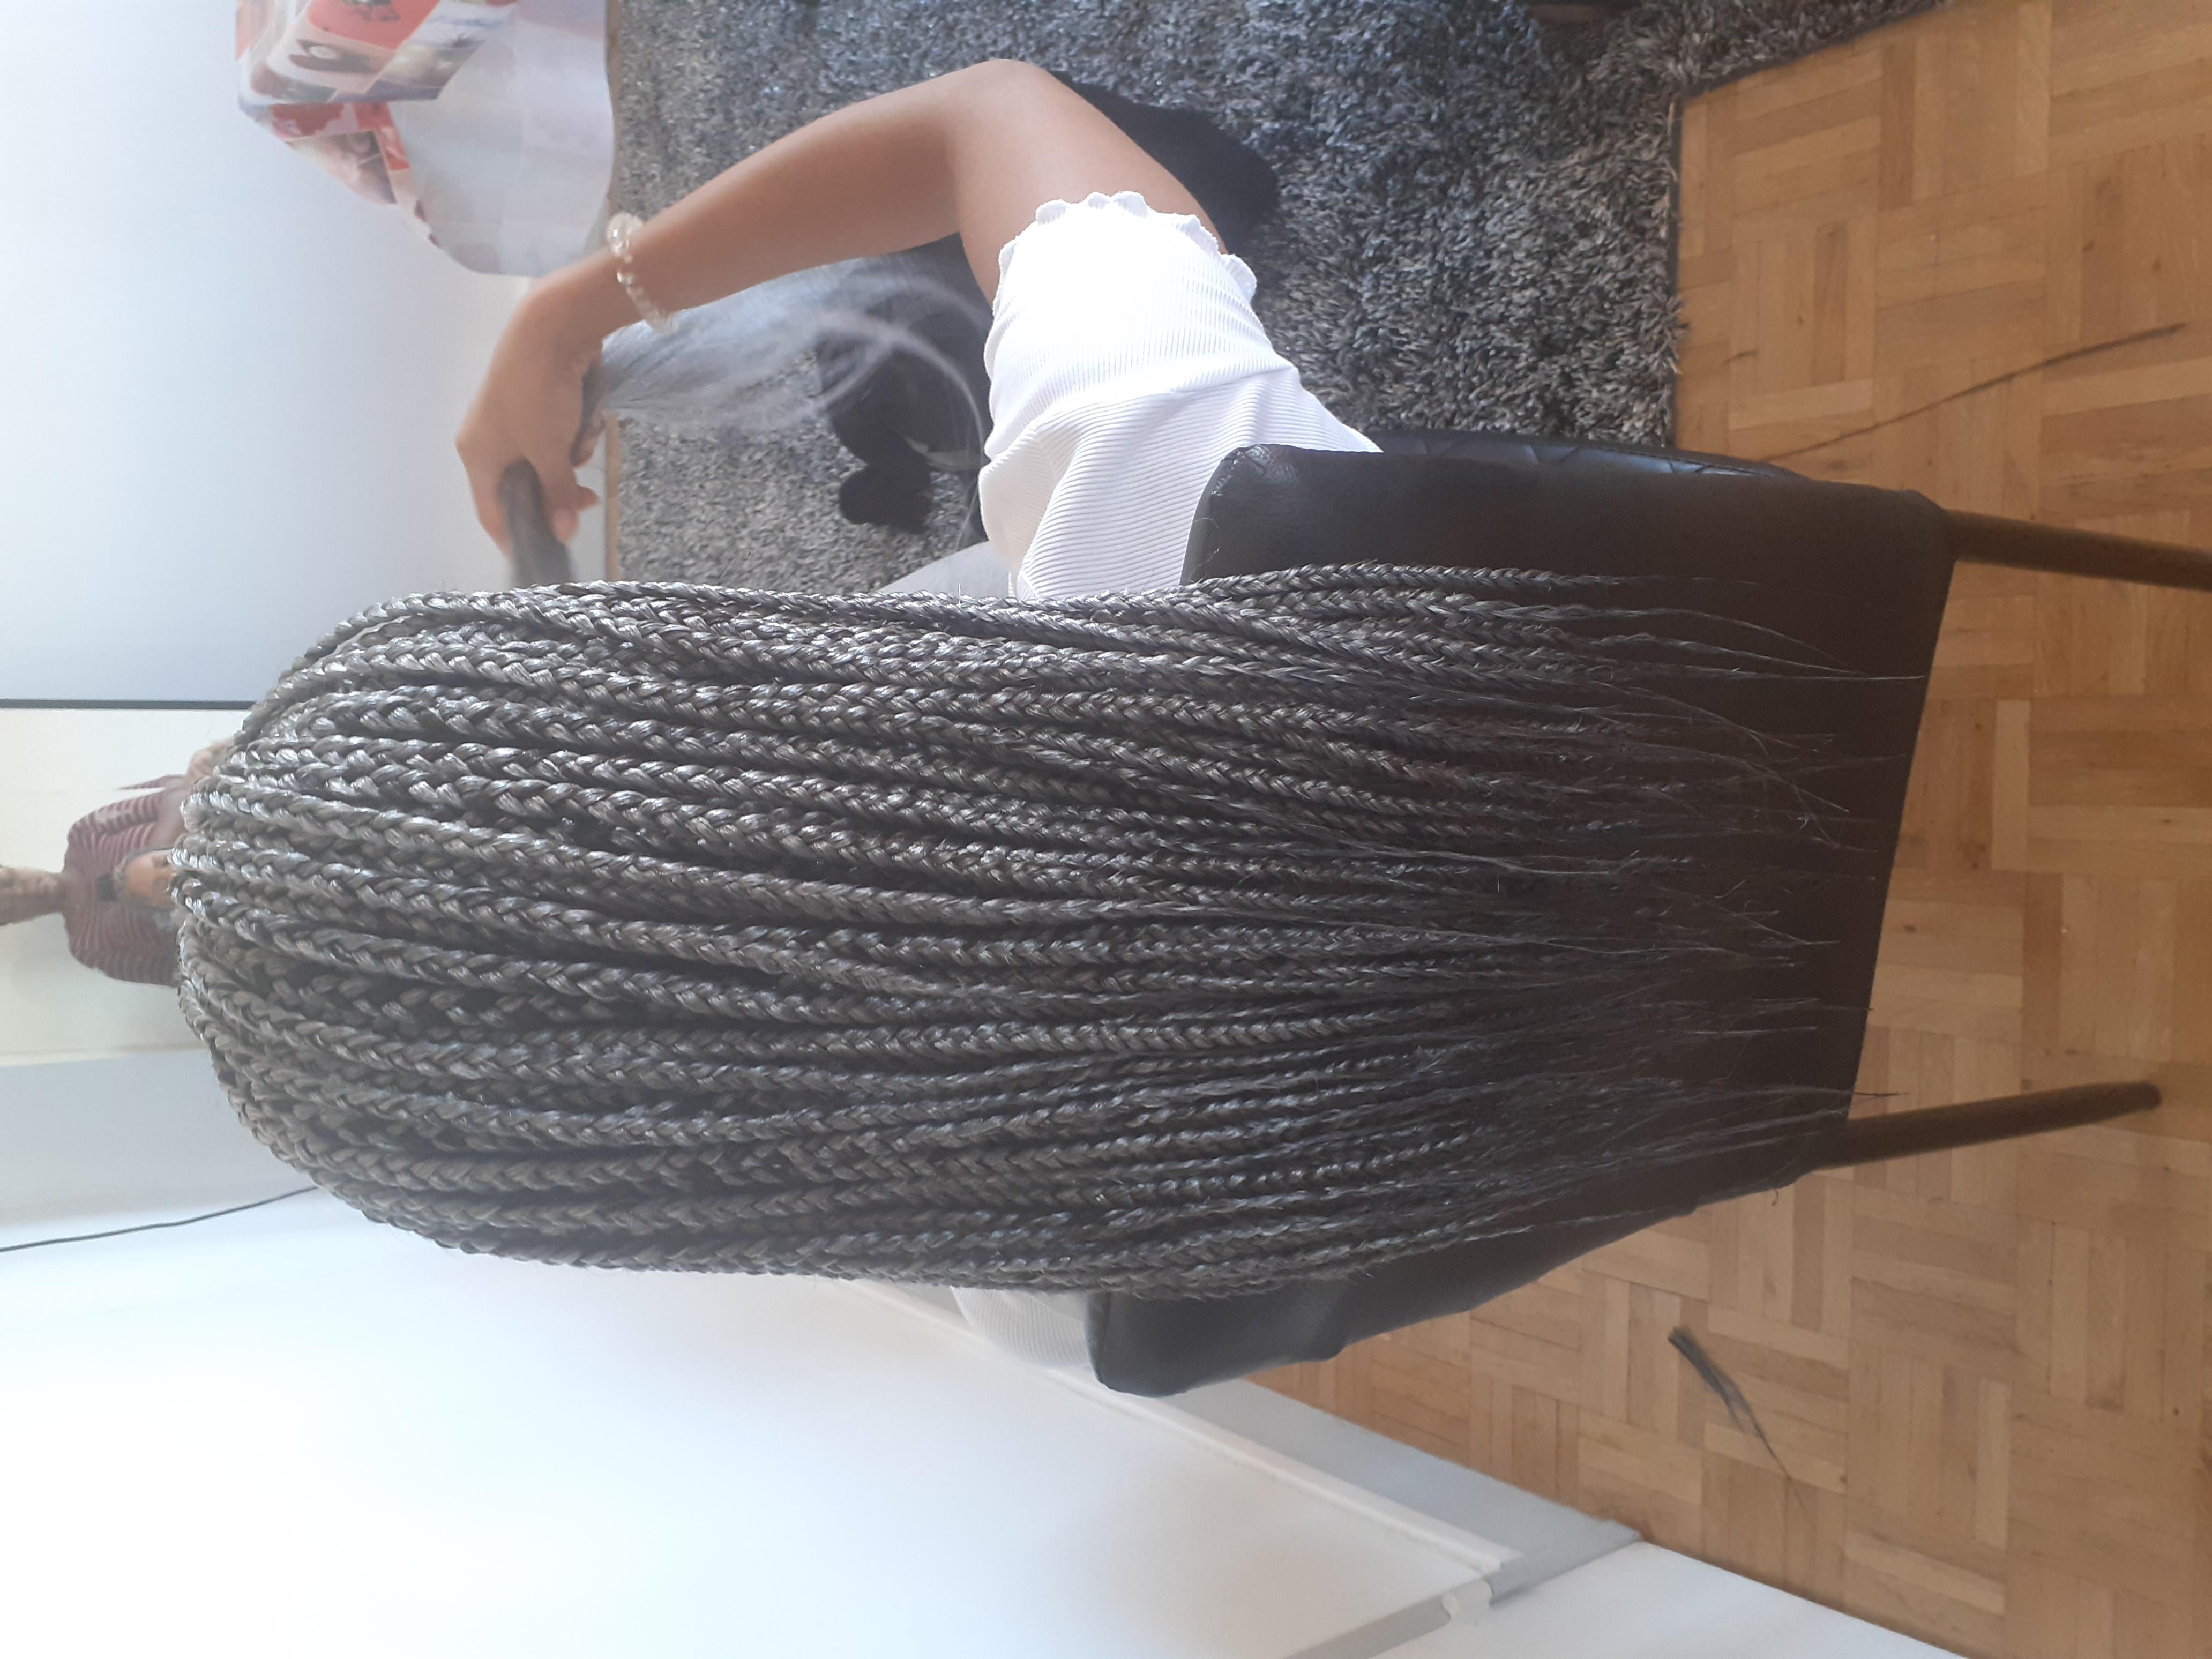 salon de coiffure afro tresse tresses box braids crochet braids vanilles tissages paris 75 77 78 91 92 93 94 95 NRFRIVPP